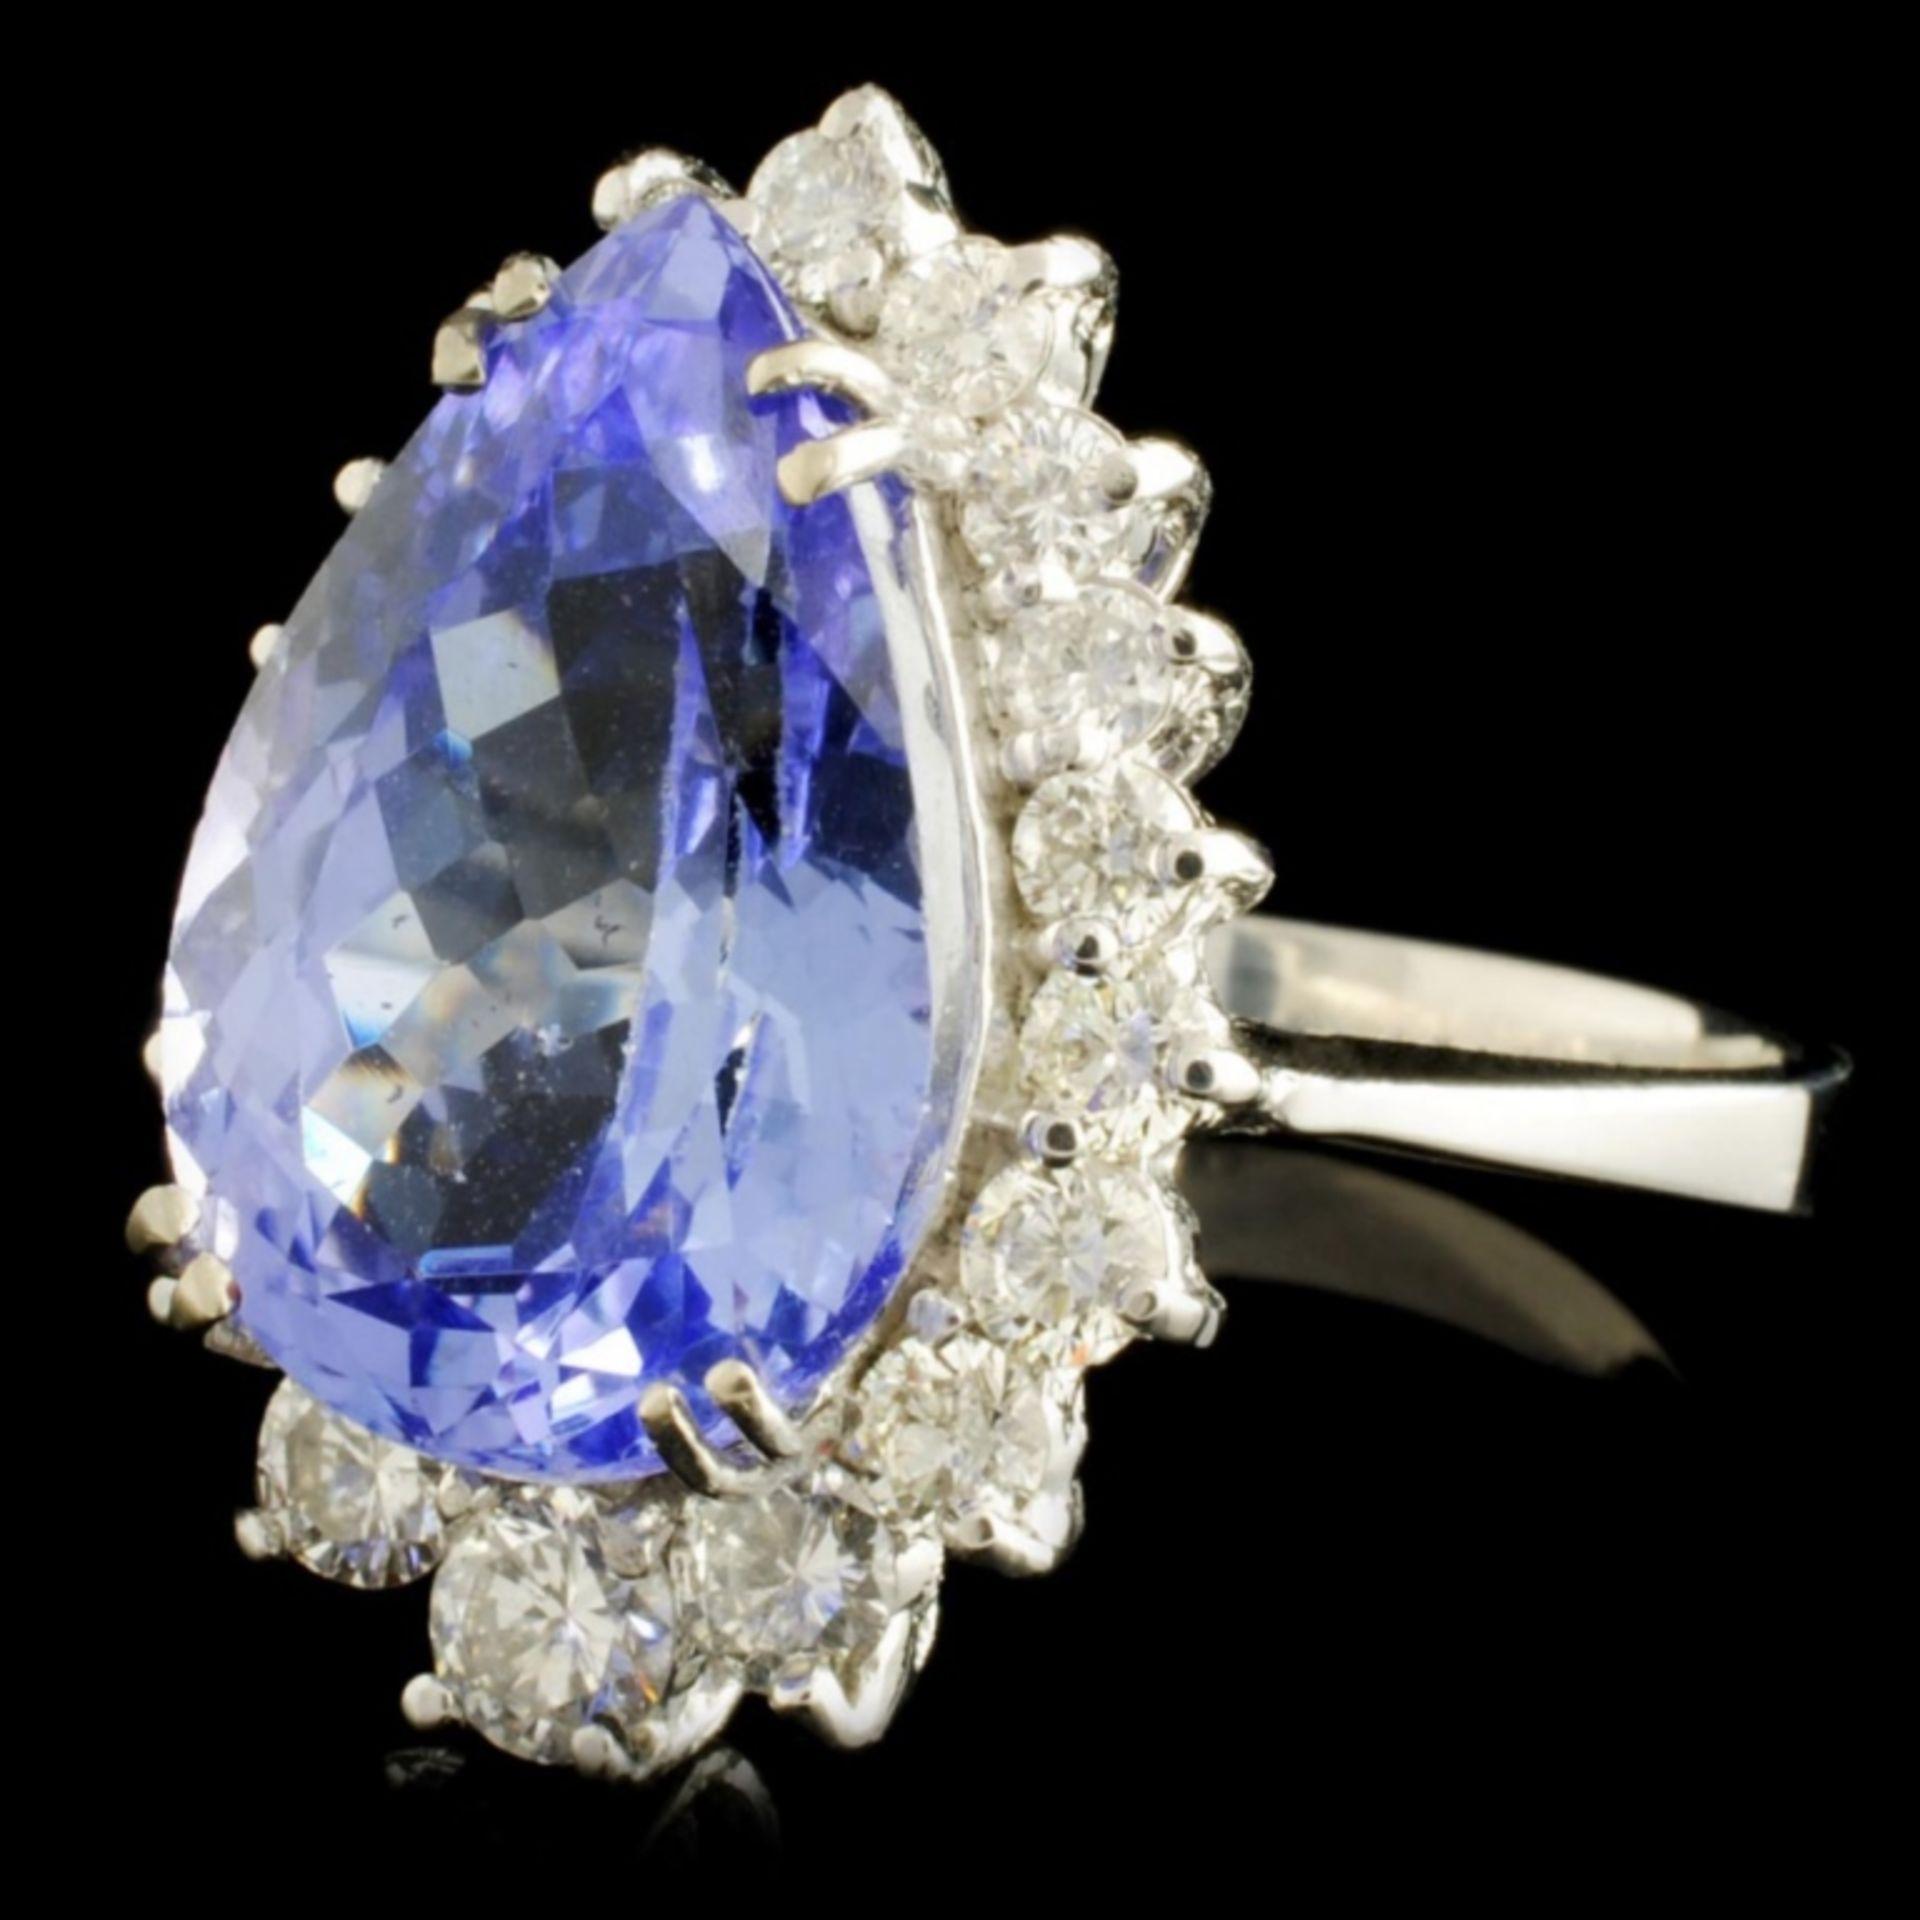 14K Gold 7.07ct Tanzanite & 1.01ctw Diamond Ring - Image 2 of 5